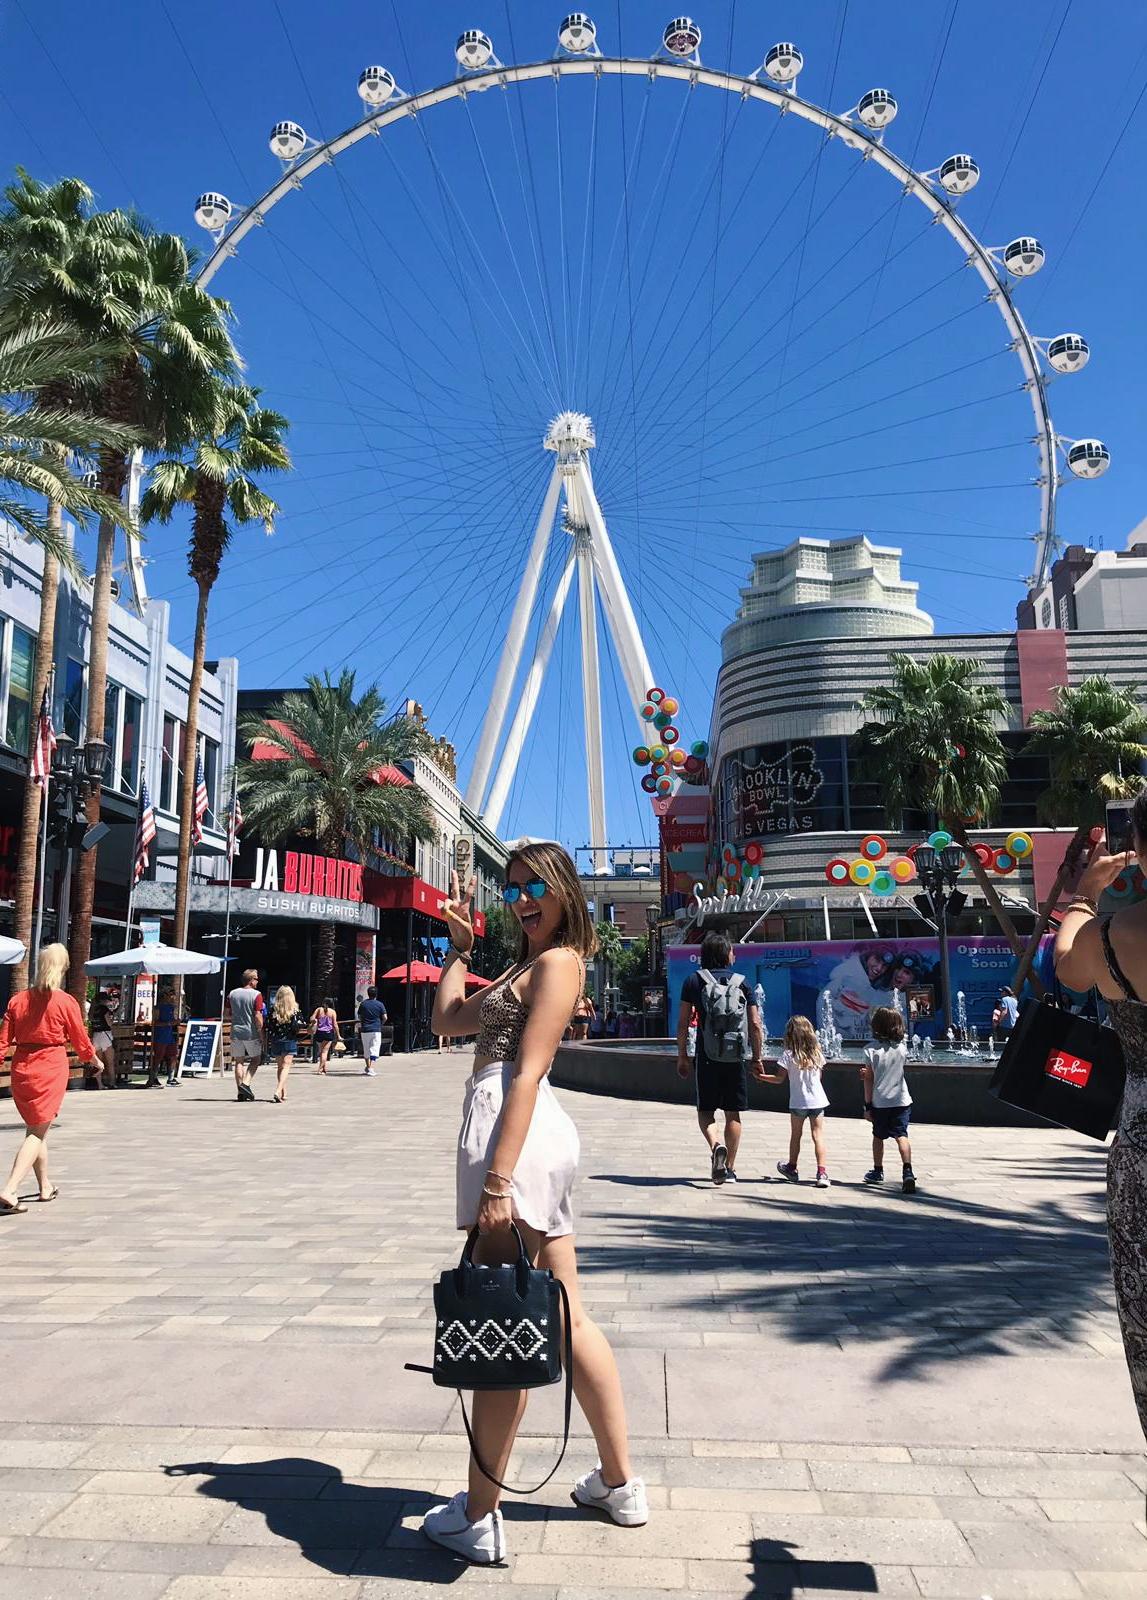 מלון לינק המלצות לאן ללכת לאס וגאס מה לעשות